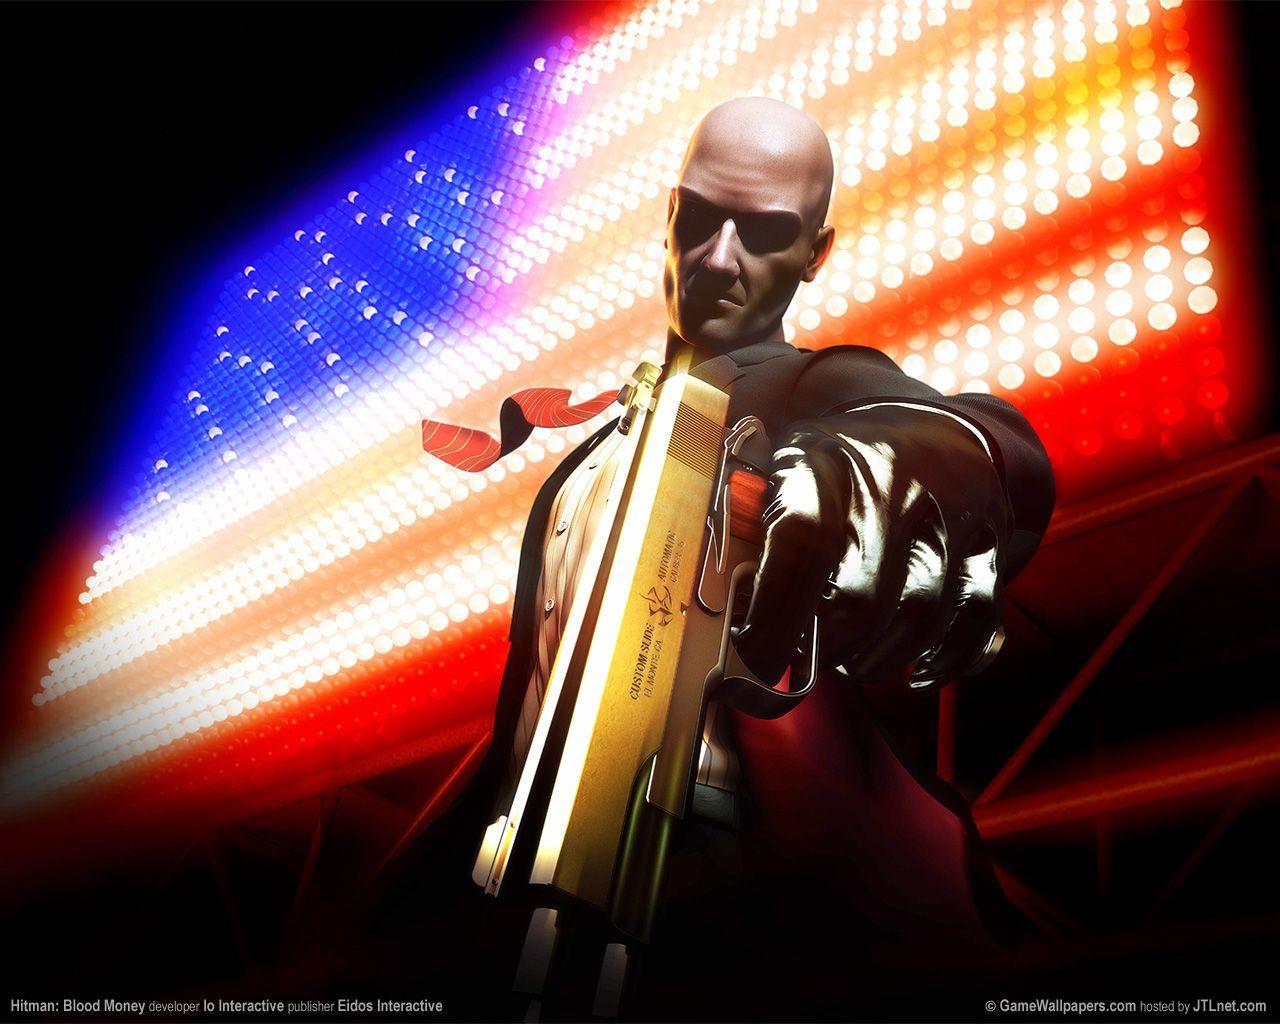 Hitman-USA-1-9L98ORUFFM-1280x1024